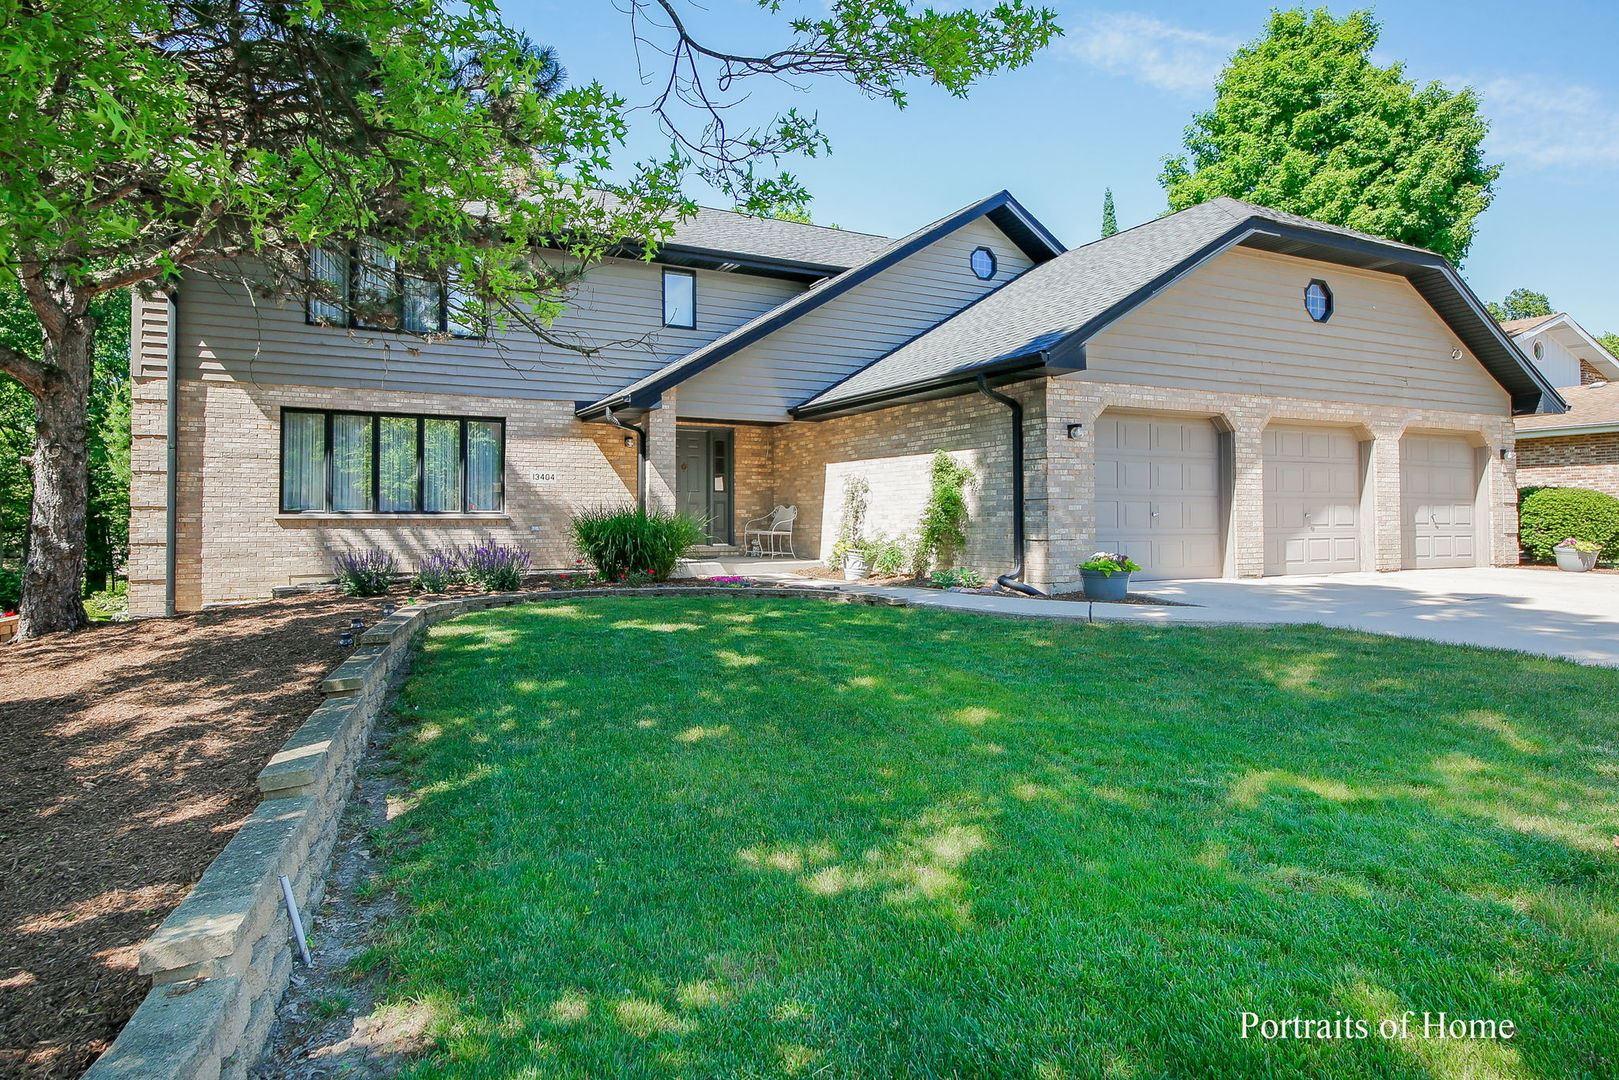 13404 W OAKWOOD Court, Homer Glen, IL 60491 - #: 10805460